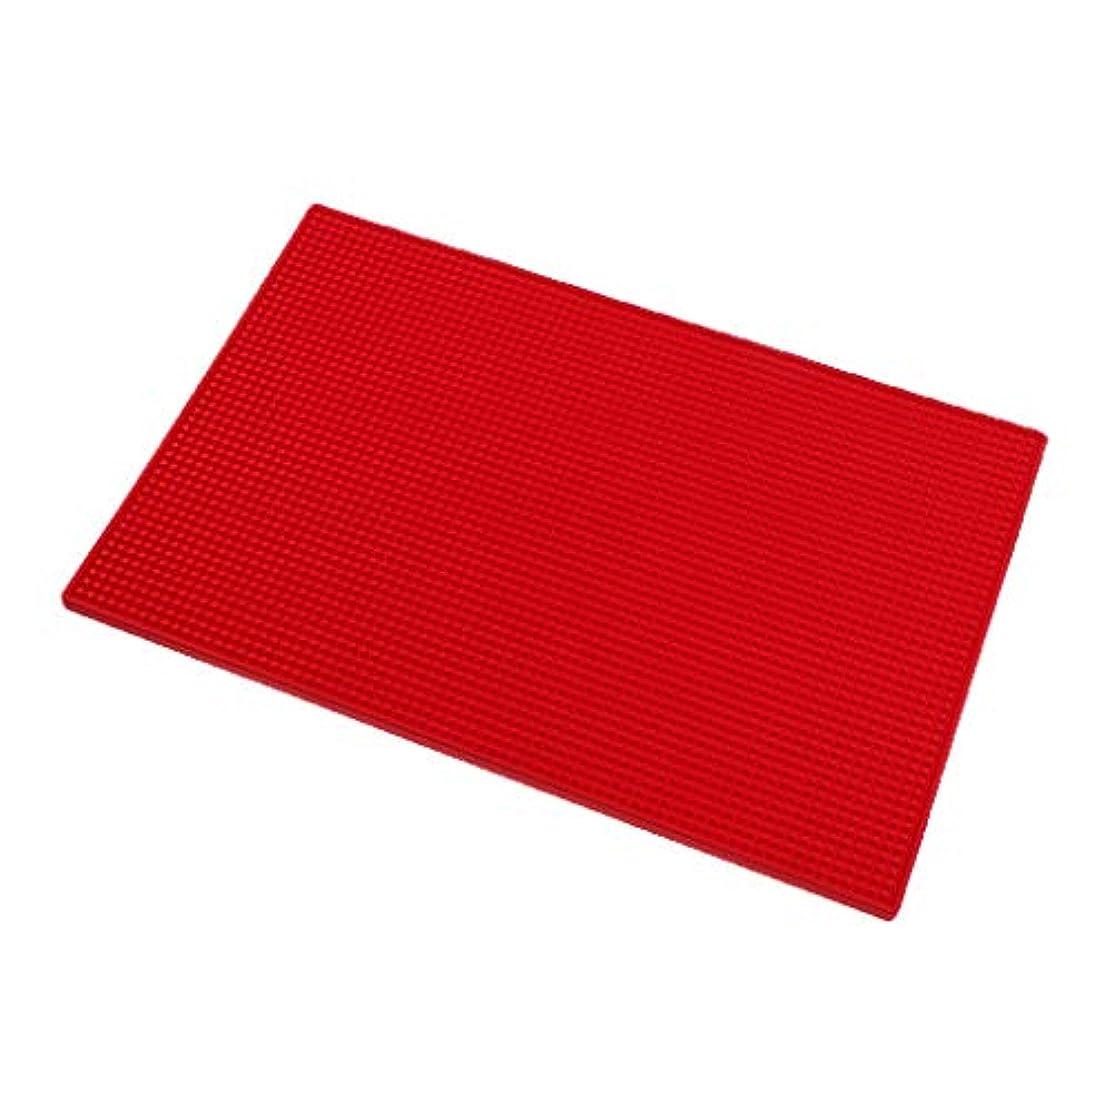 前投薬ロバ間クッション シリコンマット ネイルアート ハンドレスト マニキュアツール 全3色 - 赤